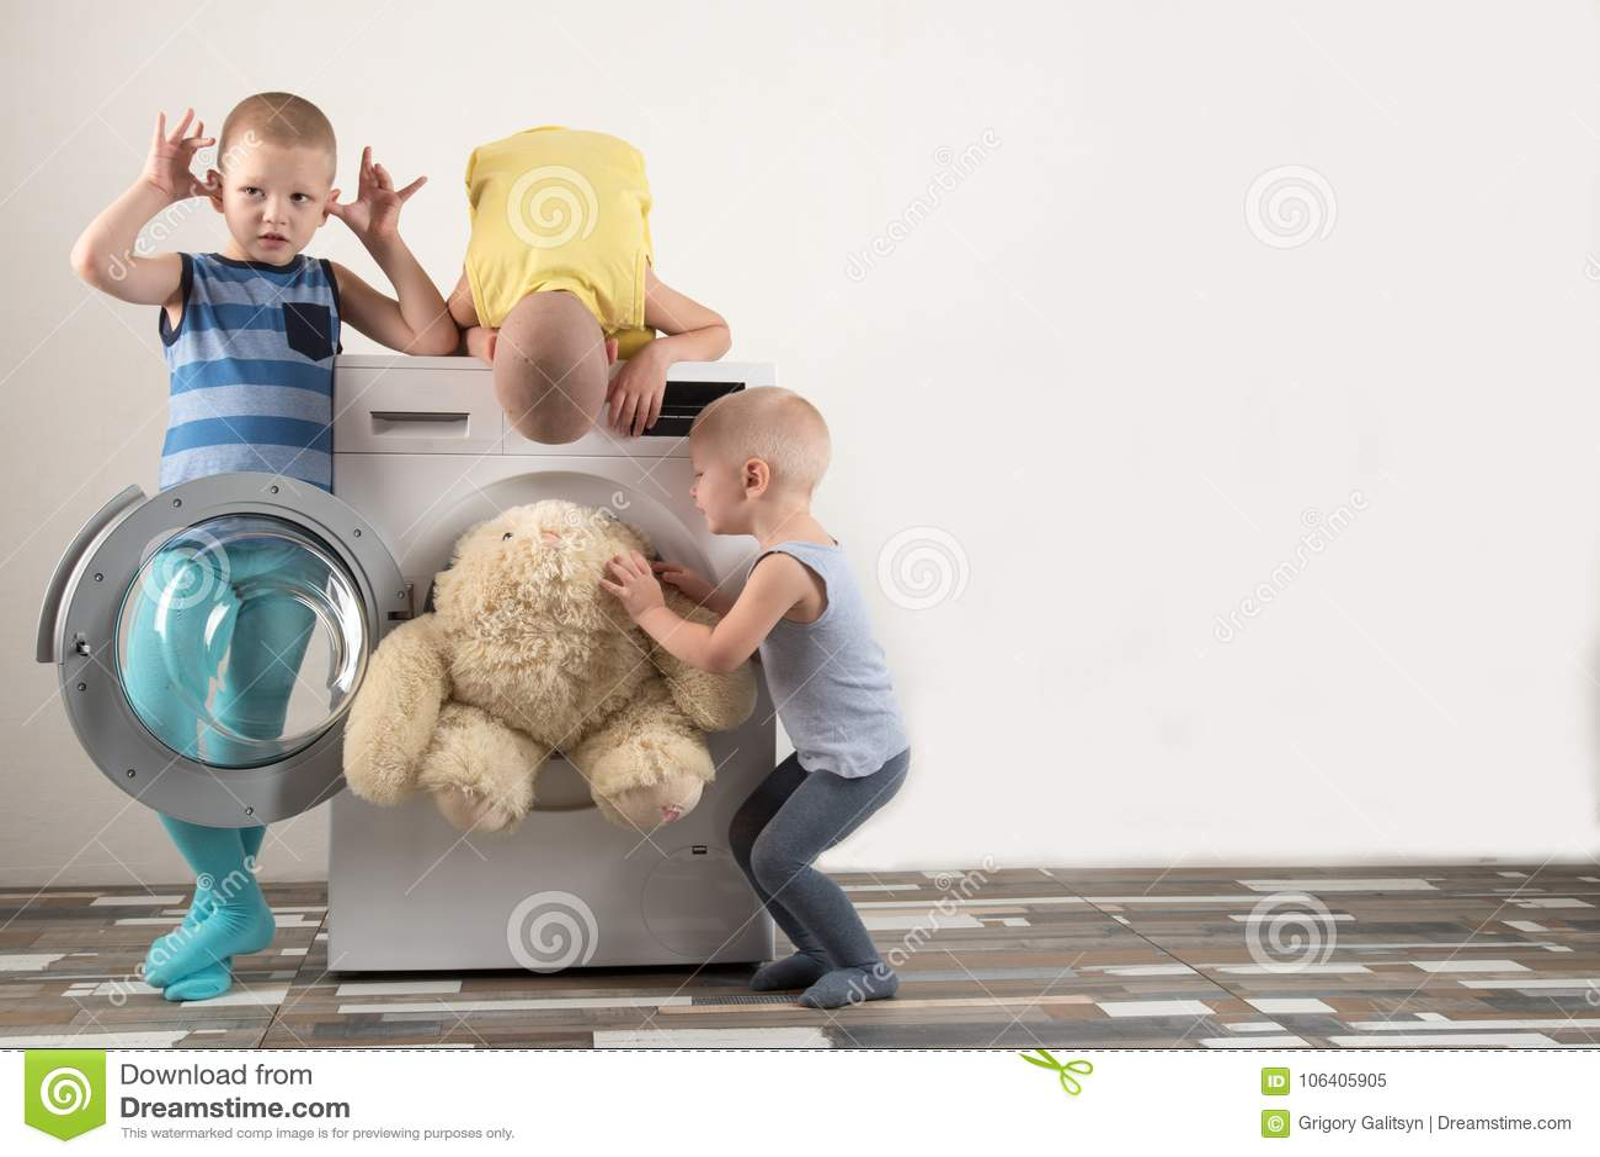 Föräldrar som köps en ny tvagningmaskin Barnen försöker att vända på det och att tvätta de mjuka leksakerna Lyckliga pojkar spela